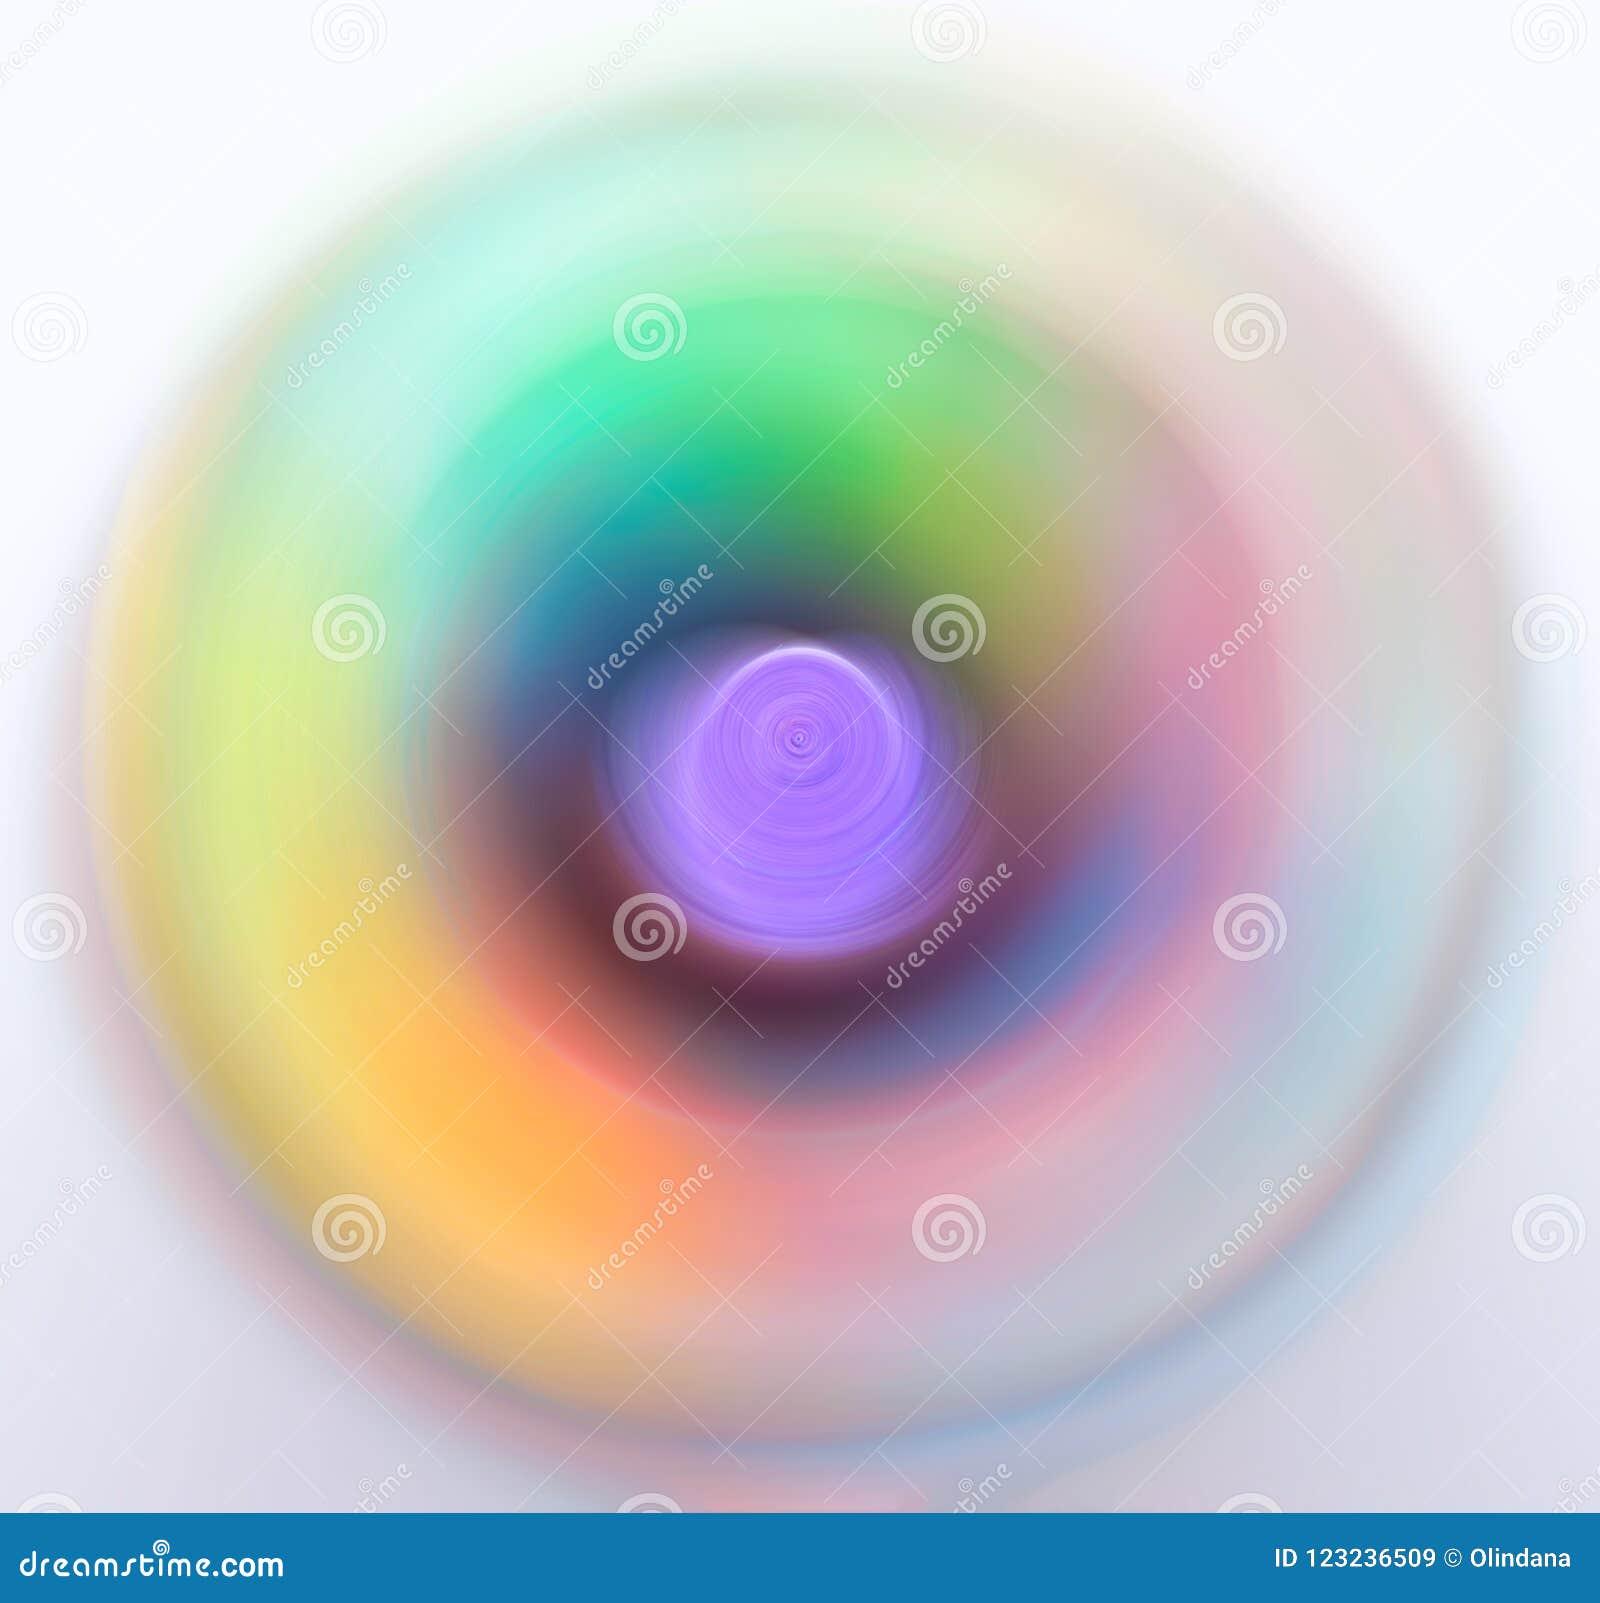 Abstrakt zamazywał stubarwnego kłębiastego koncentrycznych okregów tła widma neonowych żywych pastelowych kolory Nauki energii tw